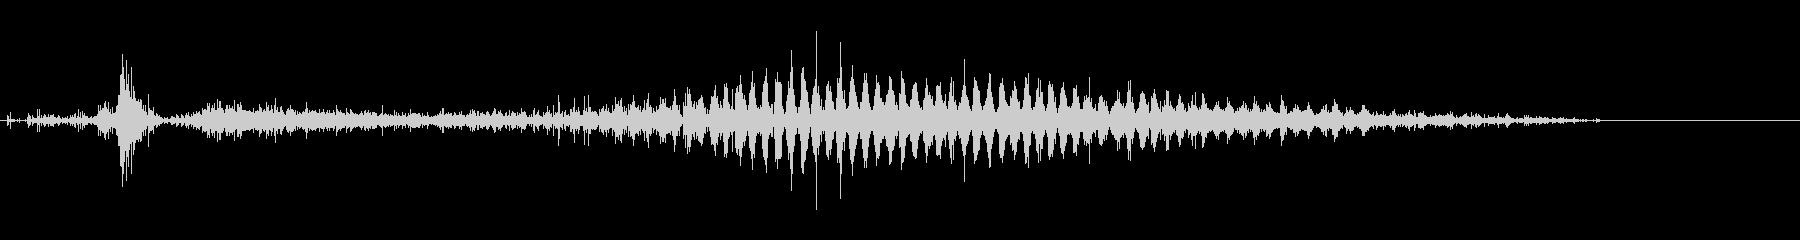 「シャラシャラ〜」レインシェーカーの水音の未再生の波形